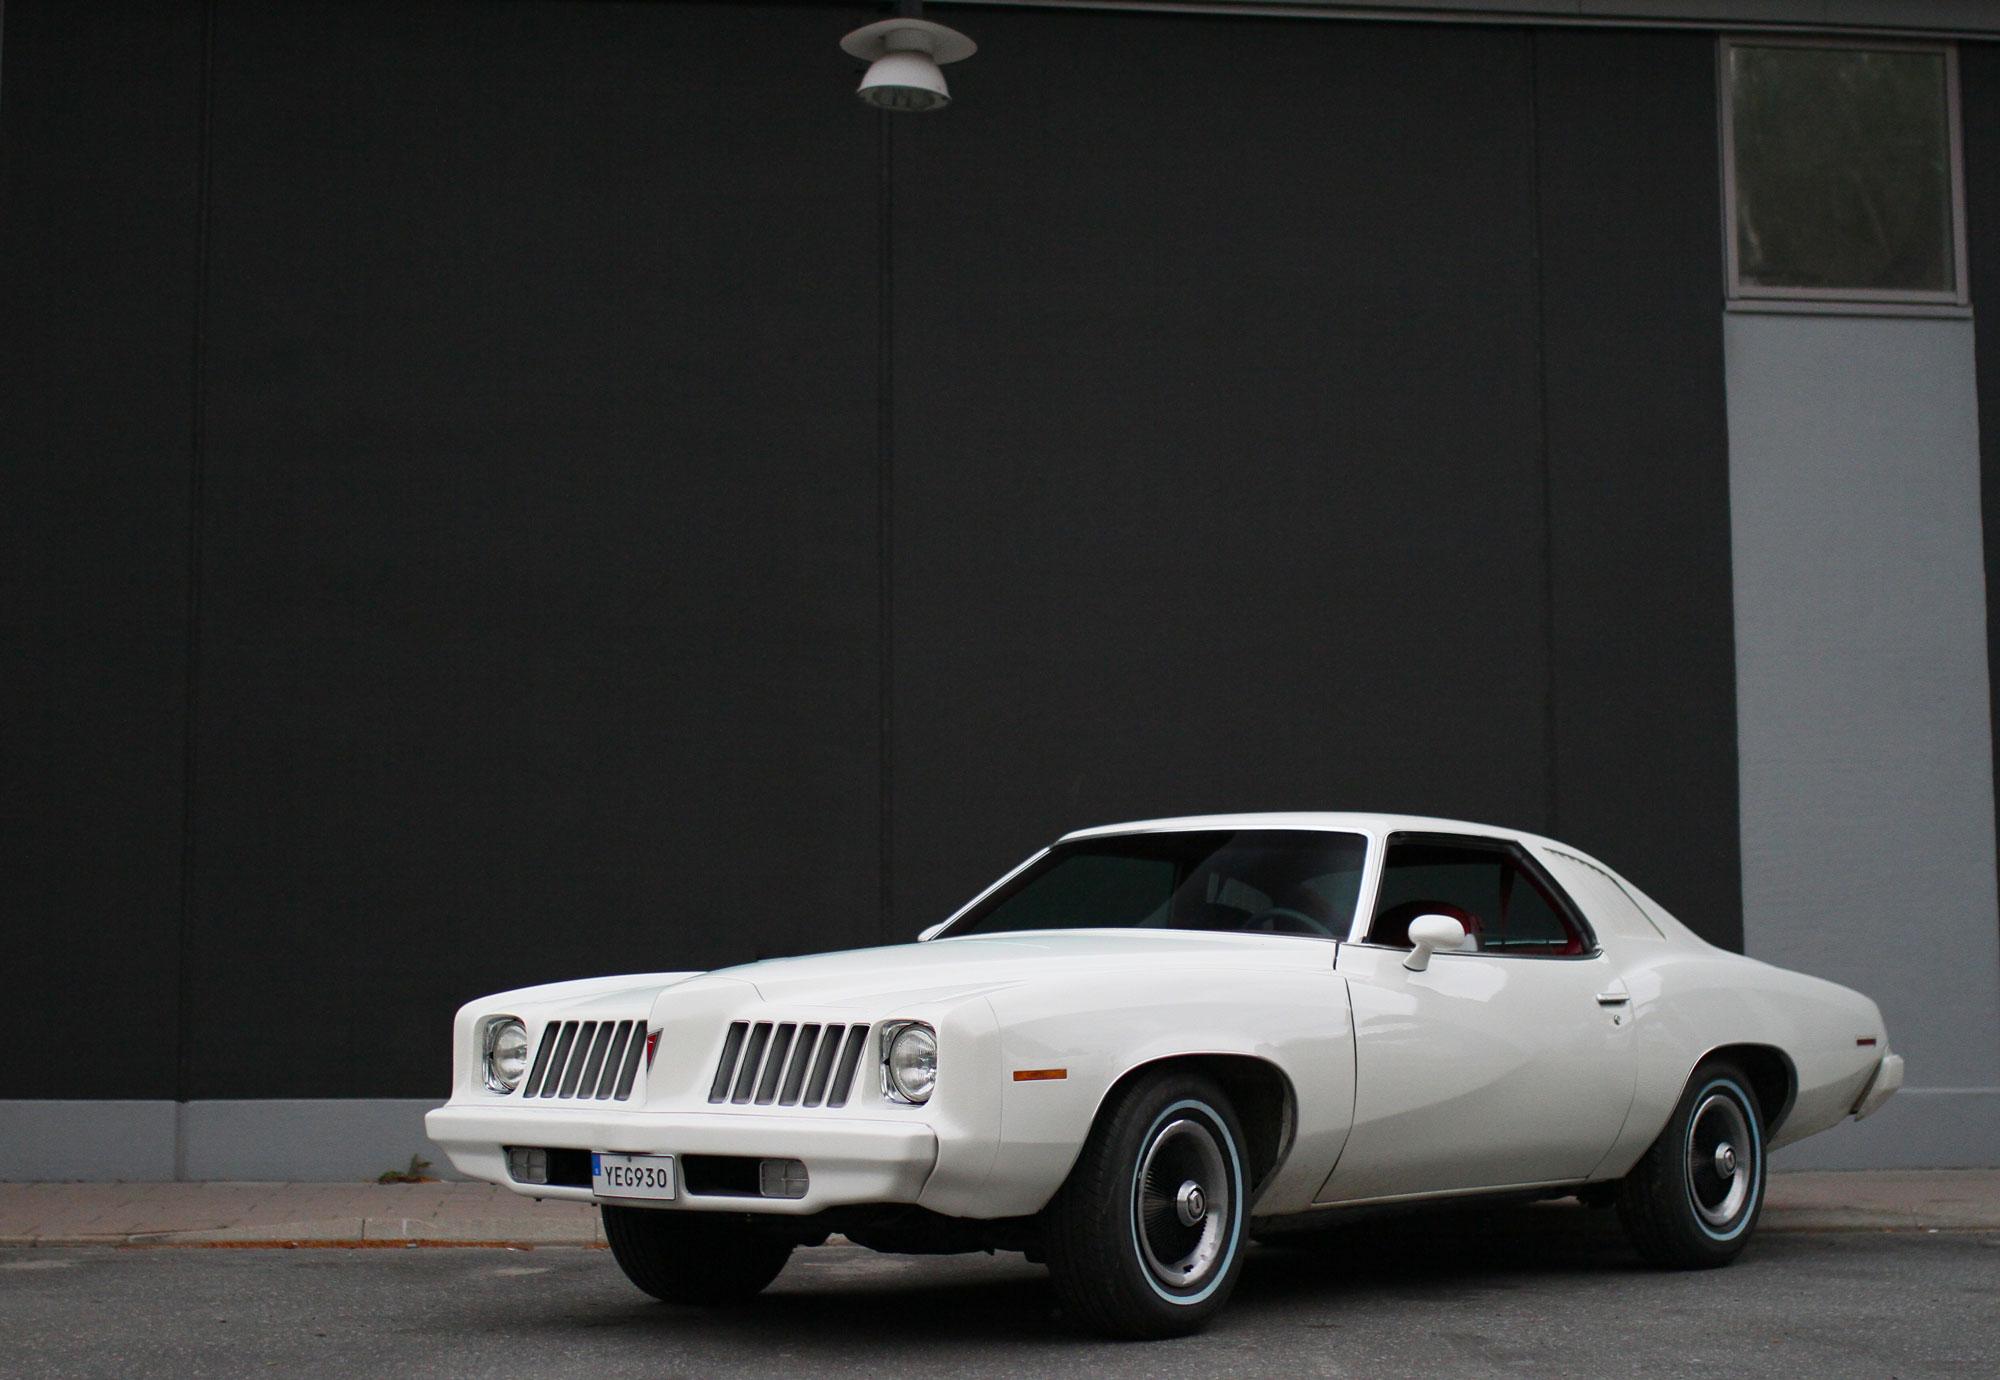 Pontiac Grand Am front